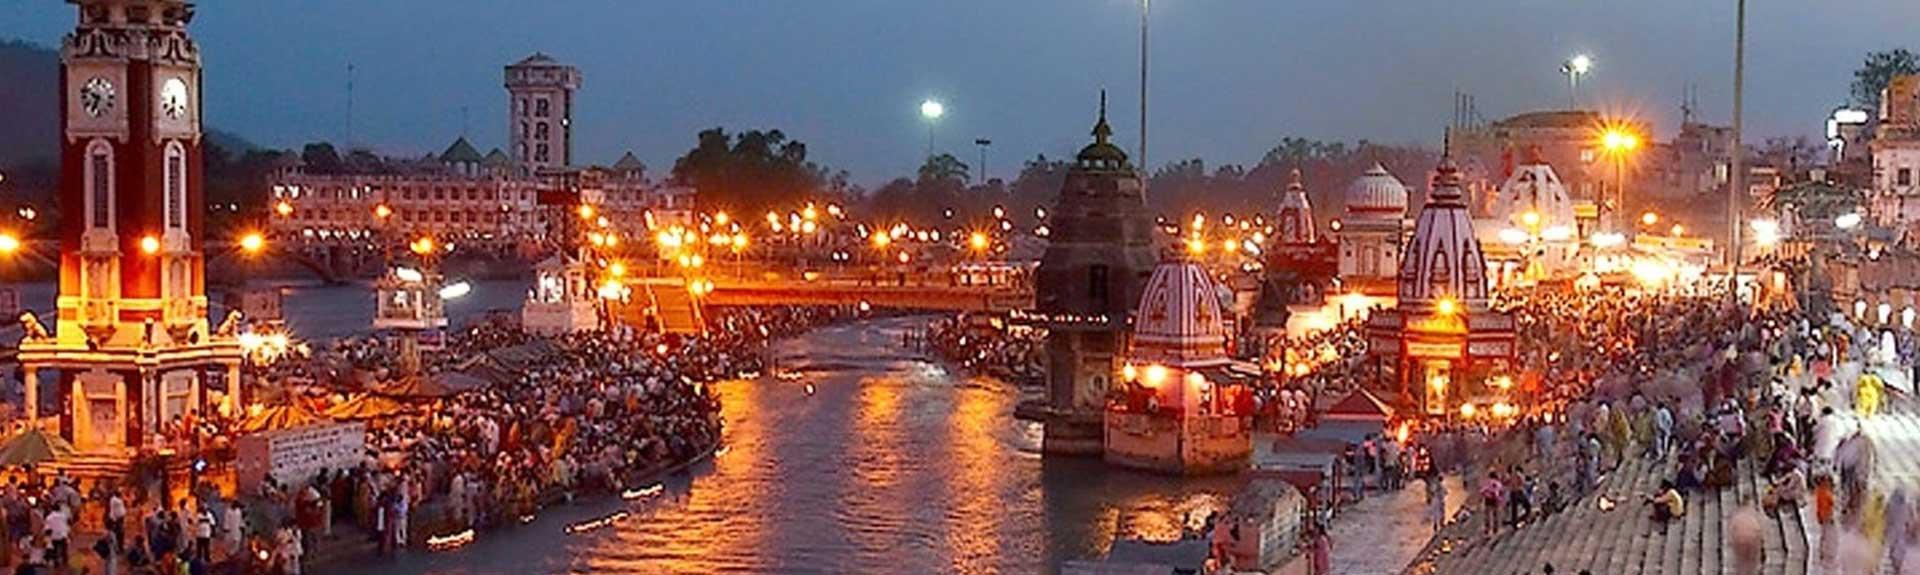 Chardham Yatra Best Budget Package in Haridwar